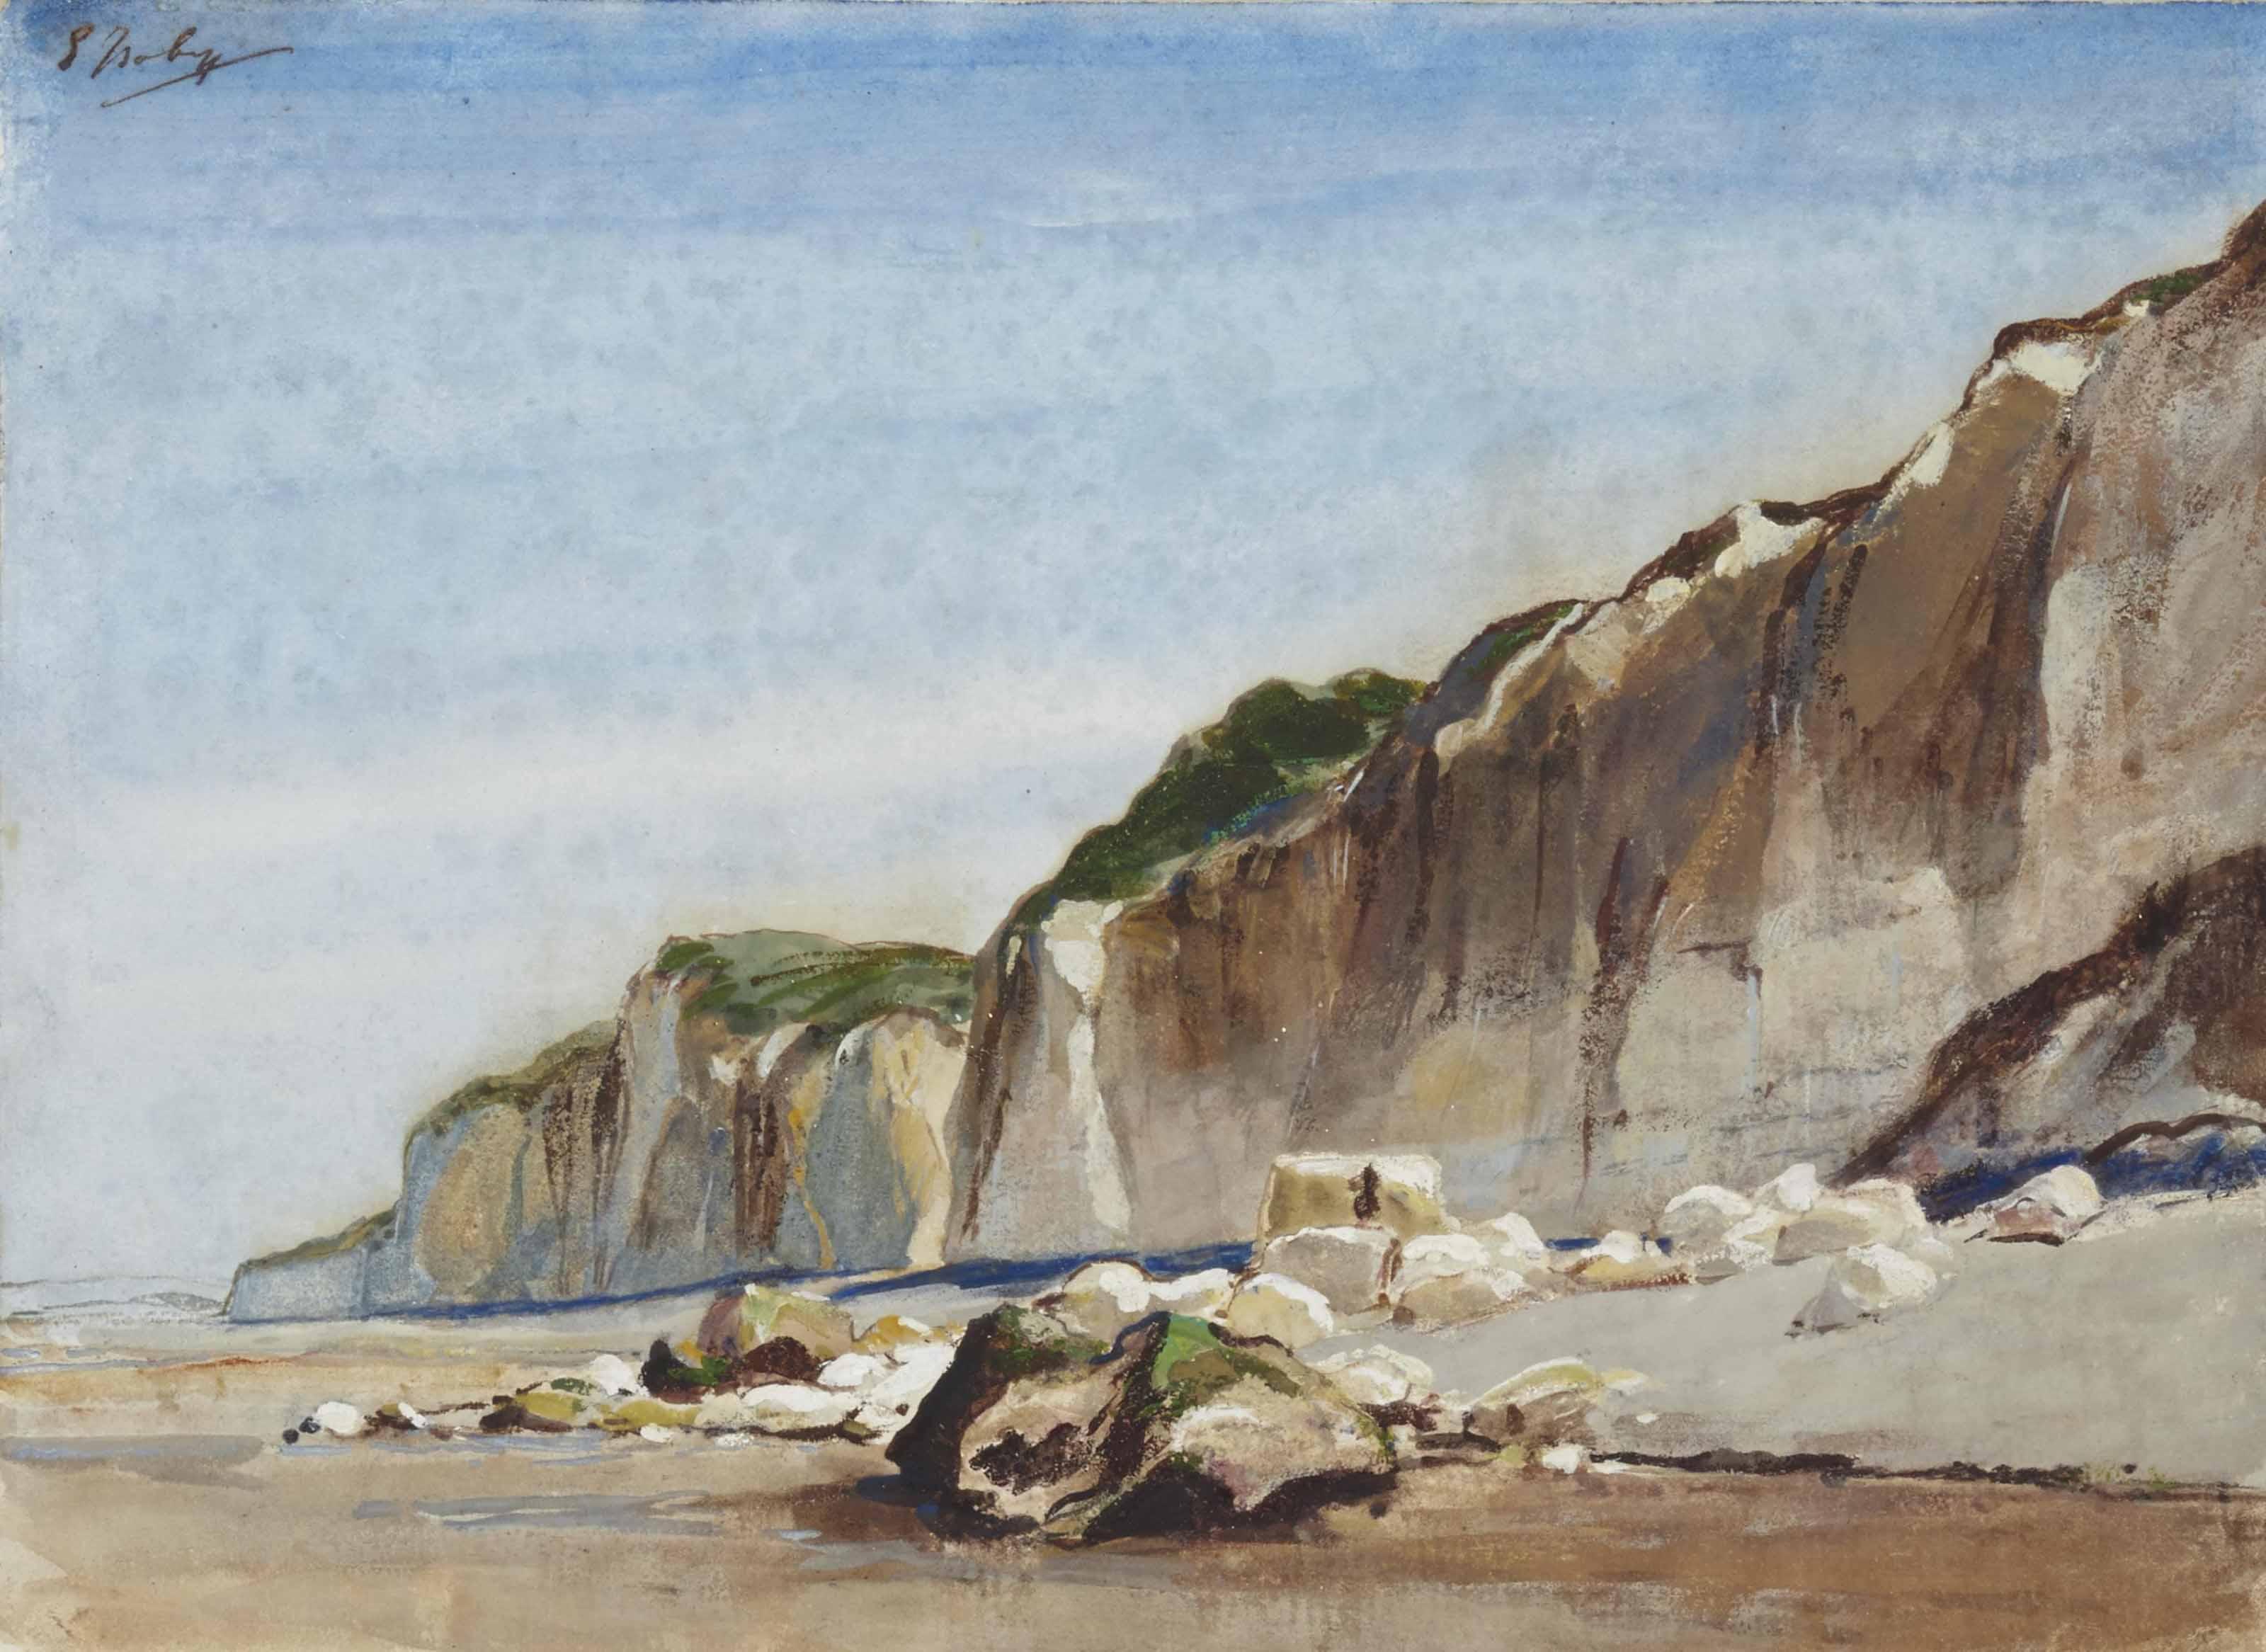 Louis-Gabriel Eugène ISABEY (Paris 1803-1886 Lagny)